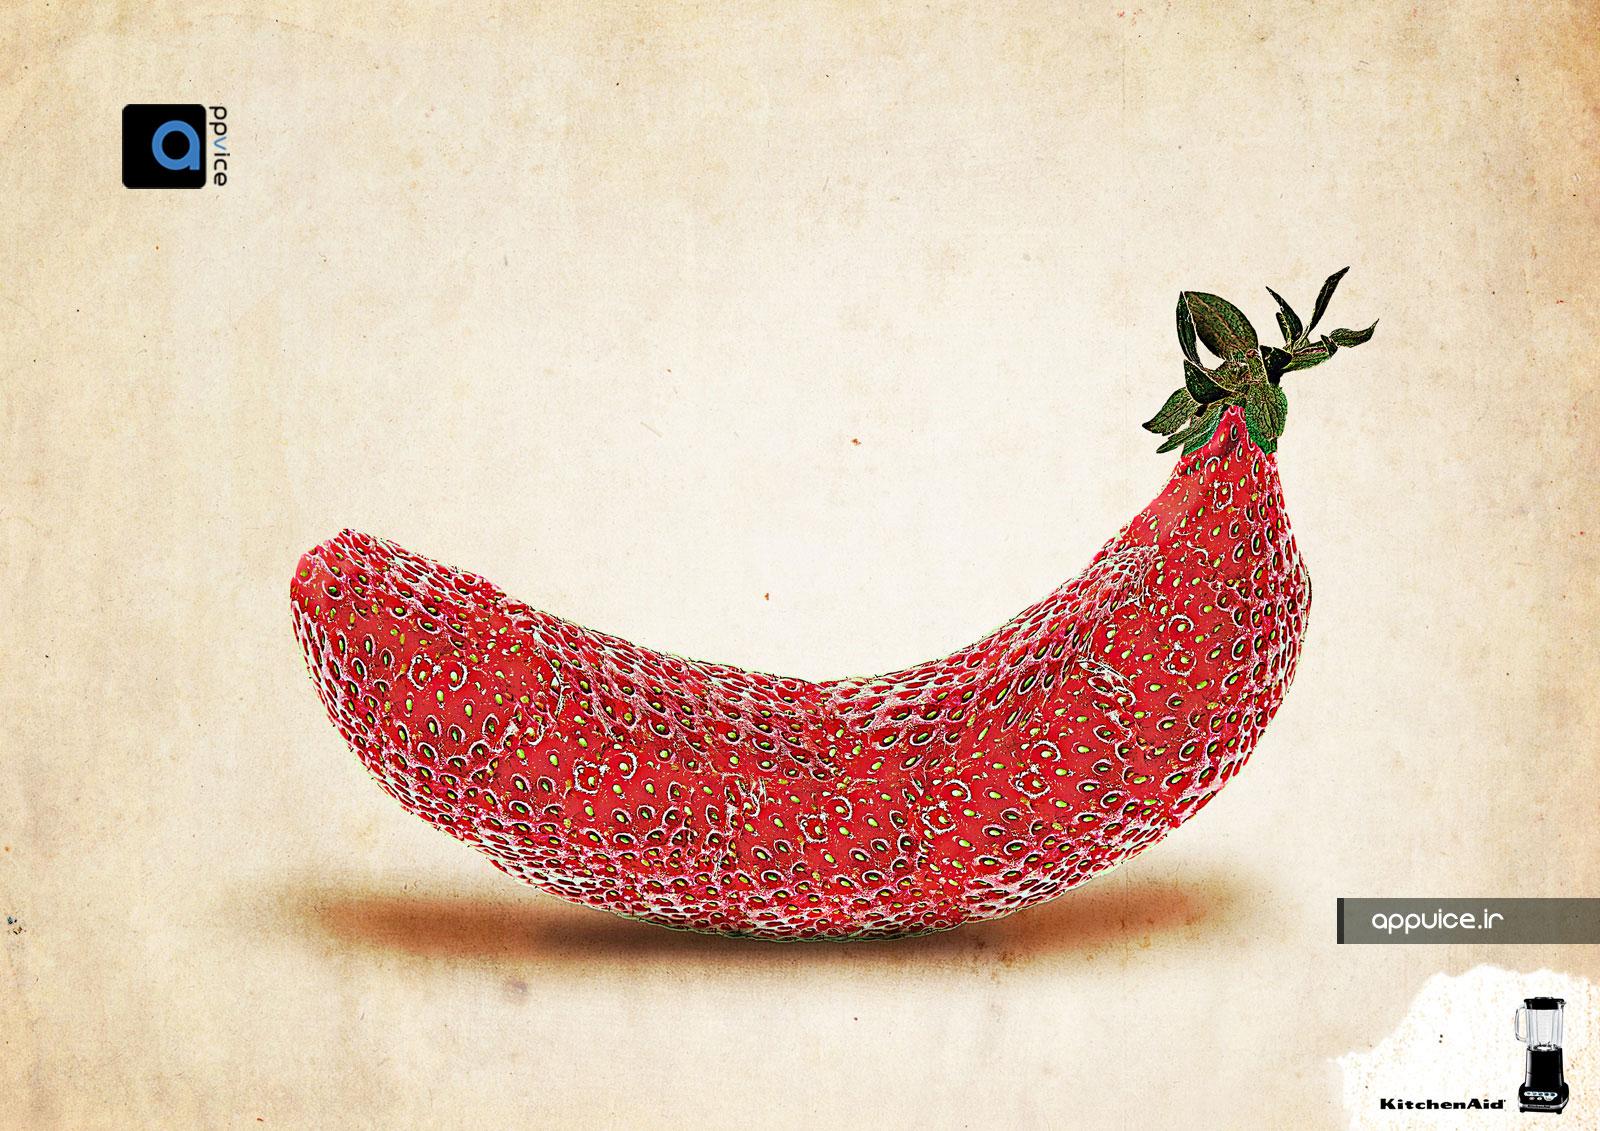 تبلیغات خلاقانه مخلوط کن برند KitchenAid